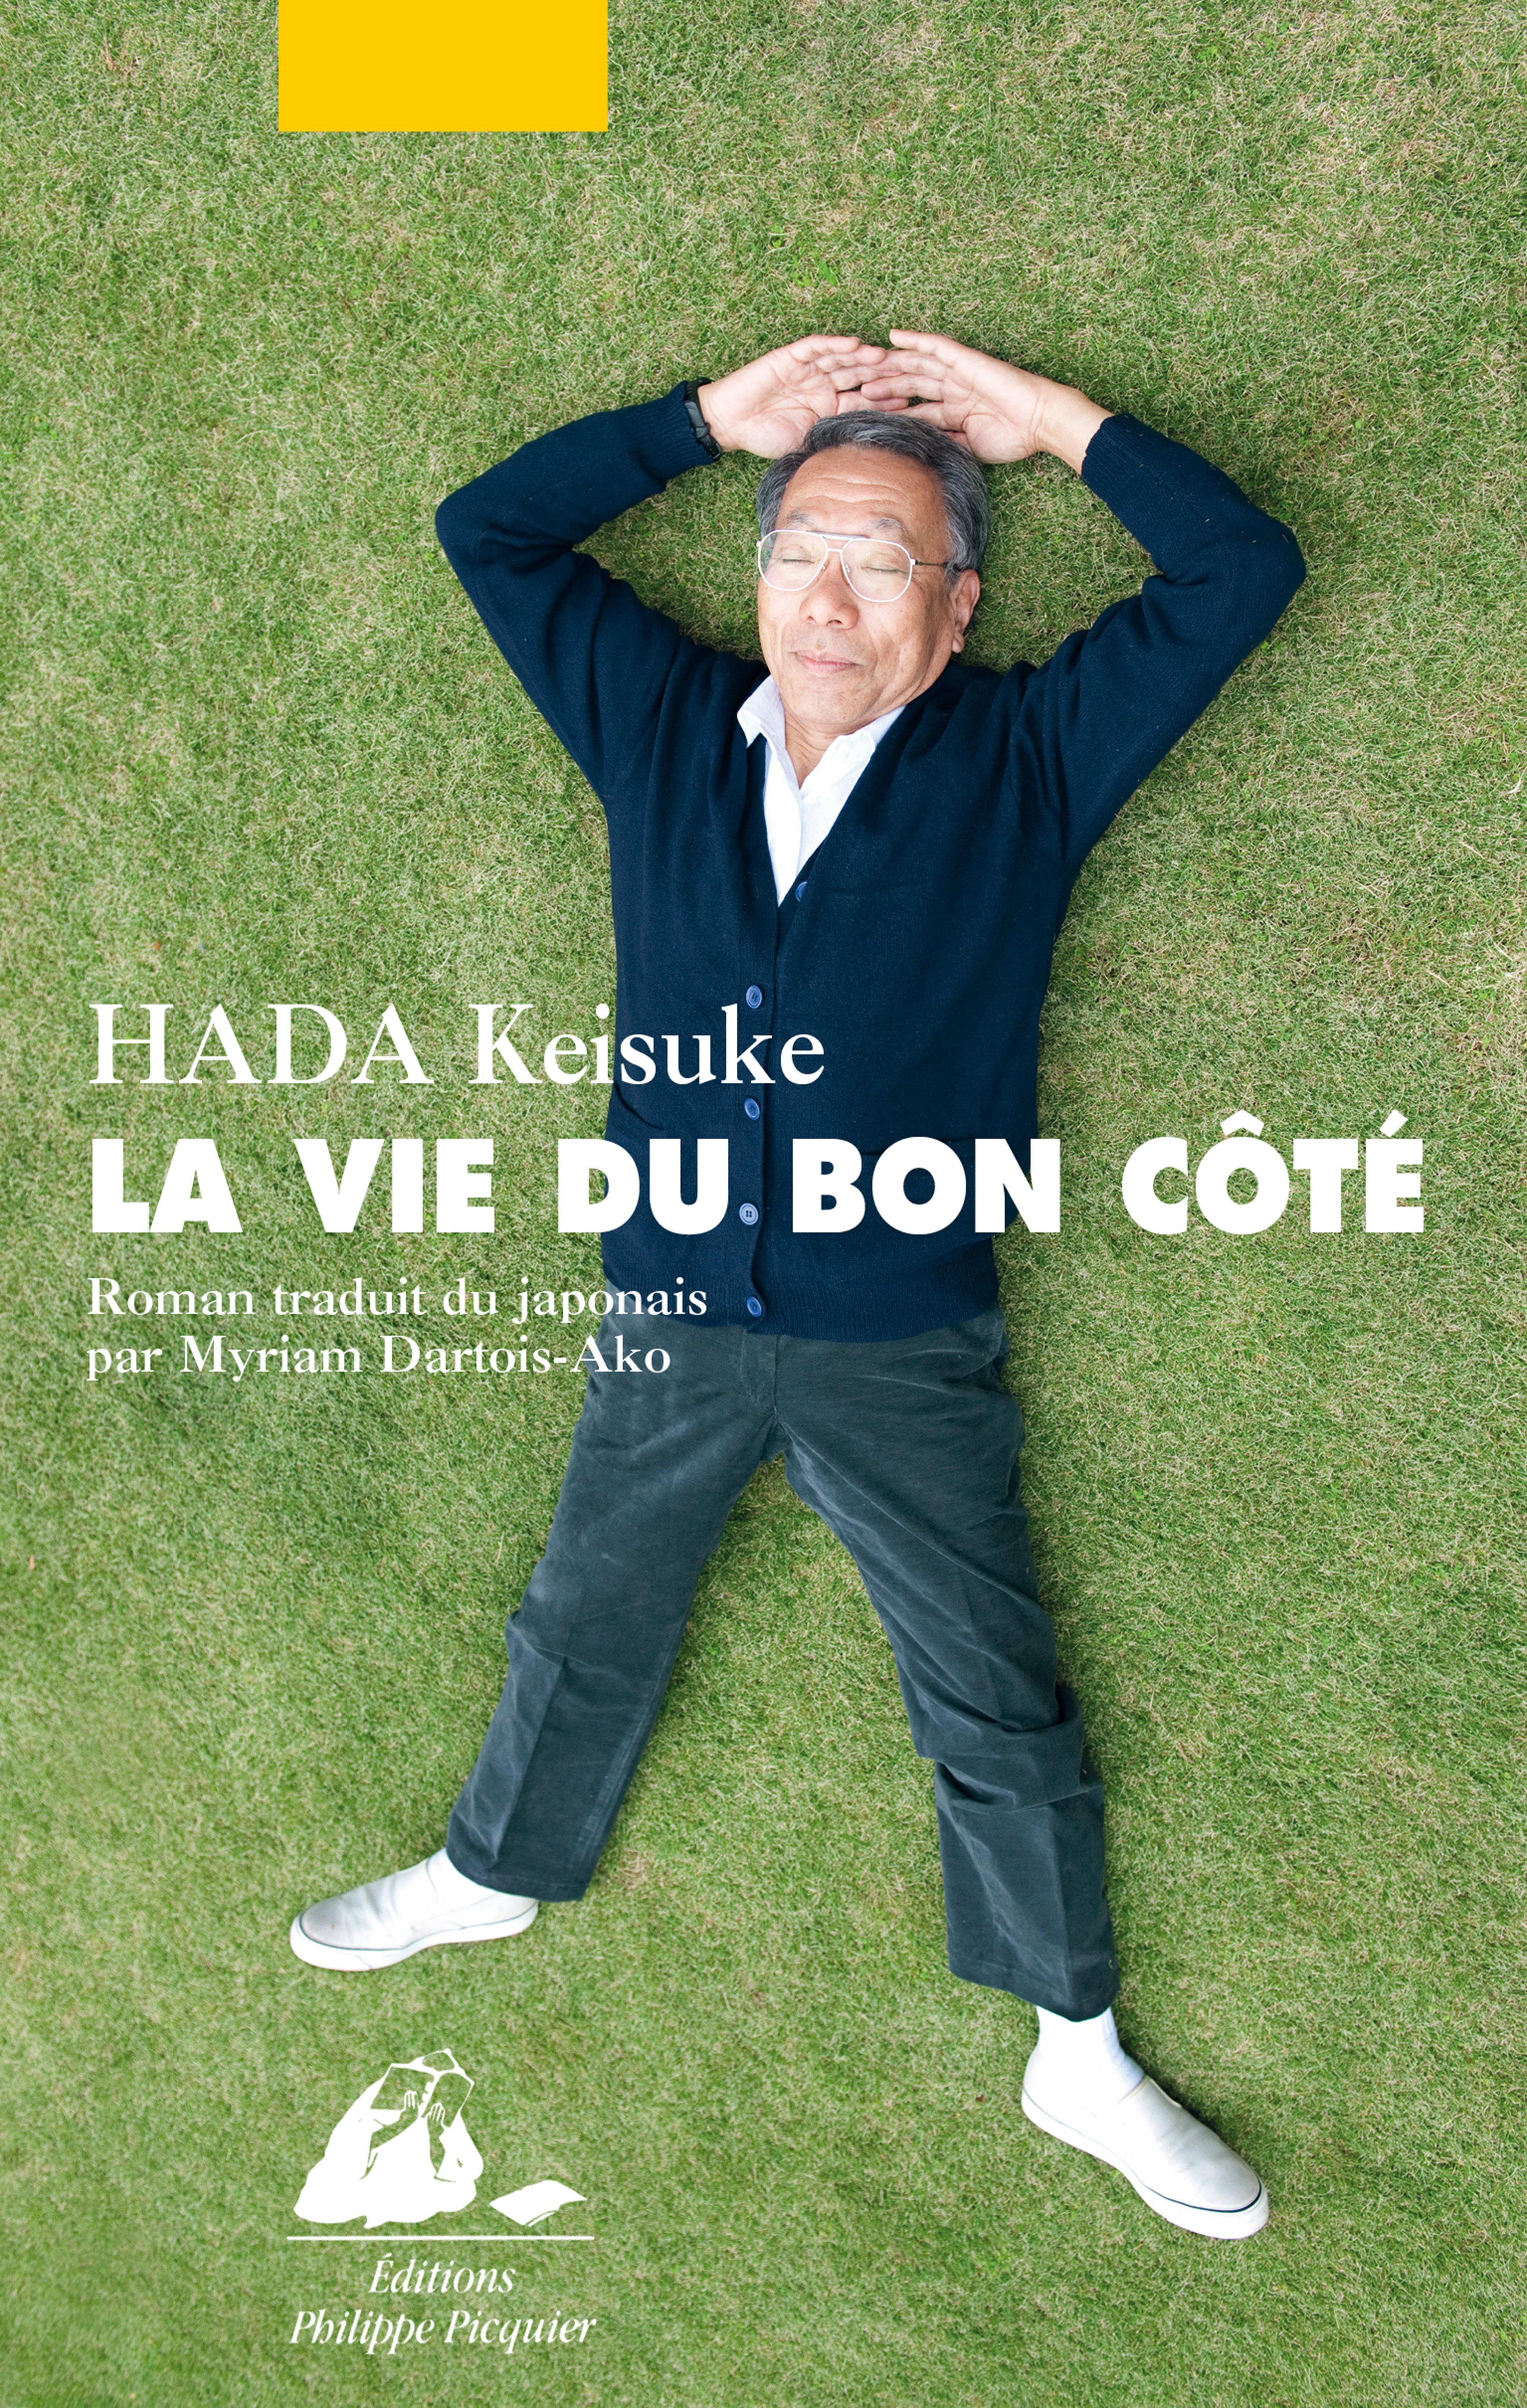 La Vie du bon côté | HADA, Keisuke